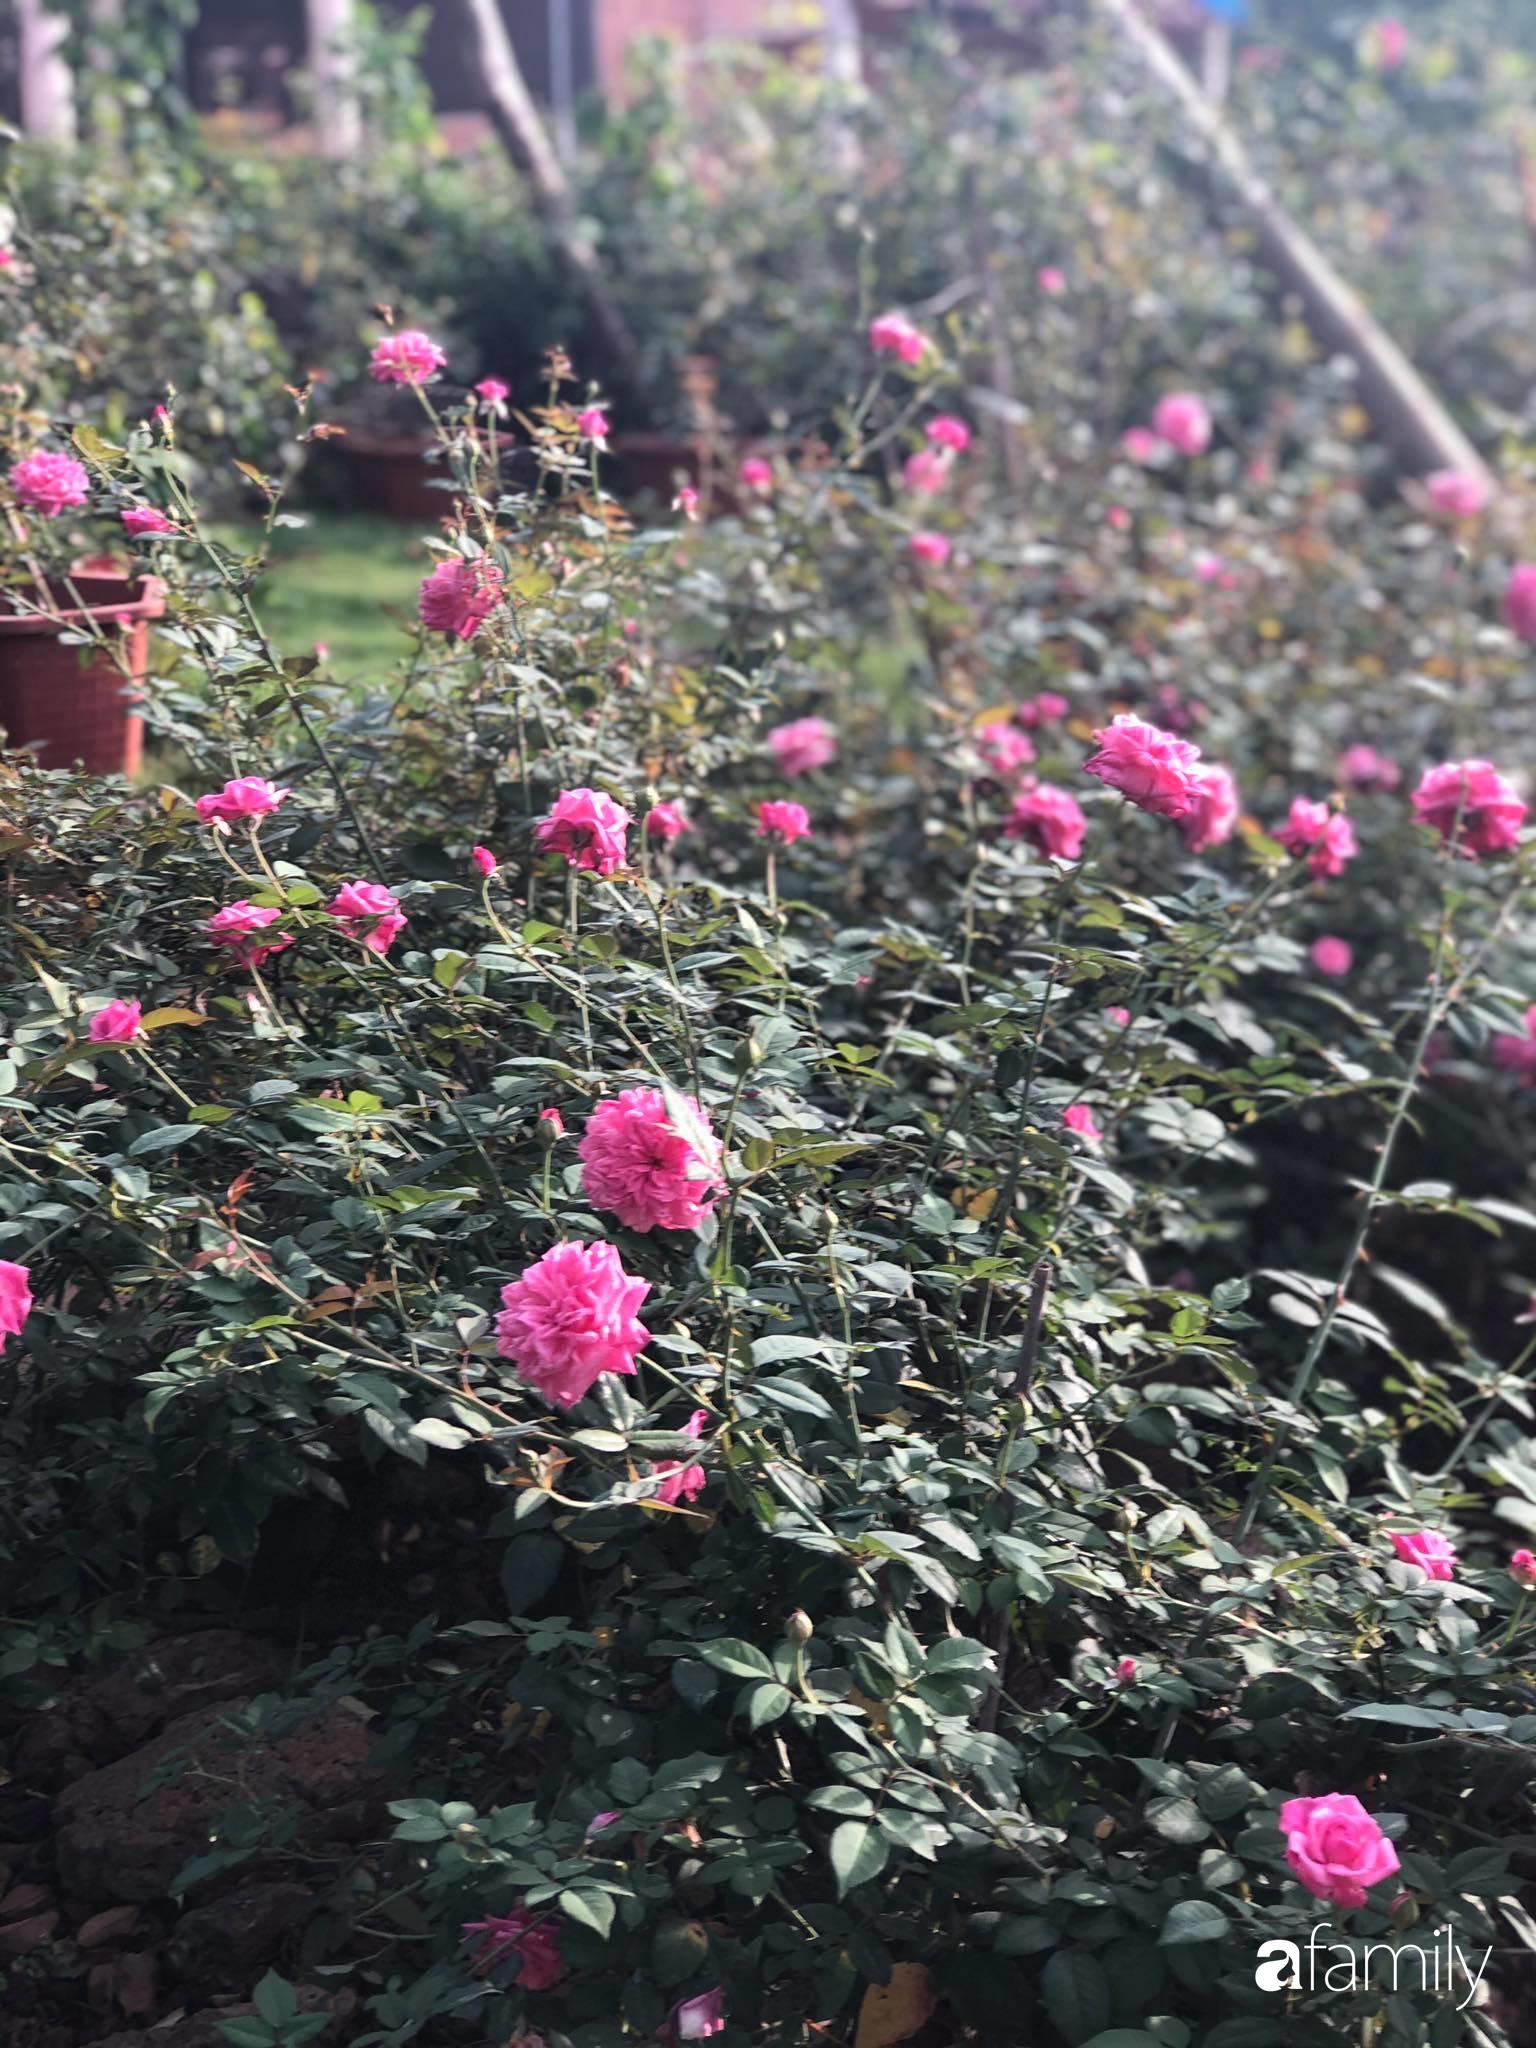 Khu vườn hoa hồng đẹp như cổ tích mà người chồng ngày đêm chăm sóc để tặng vợ con ở Vũng Tàu-30